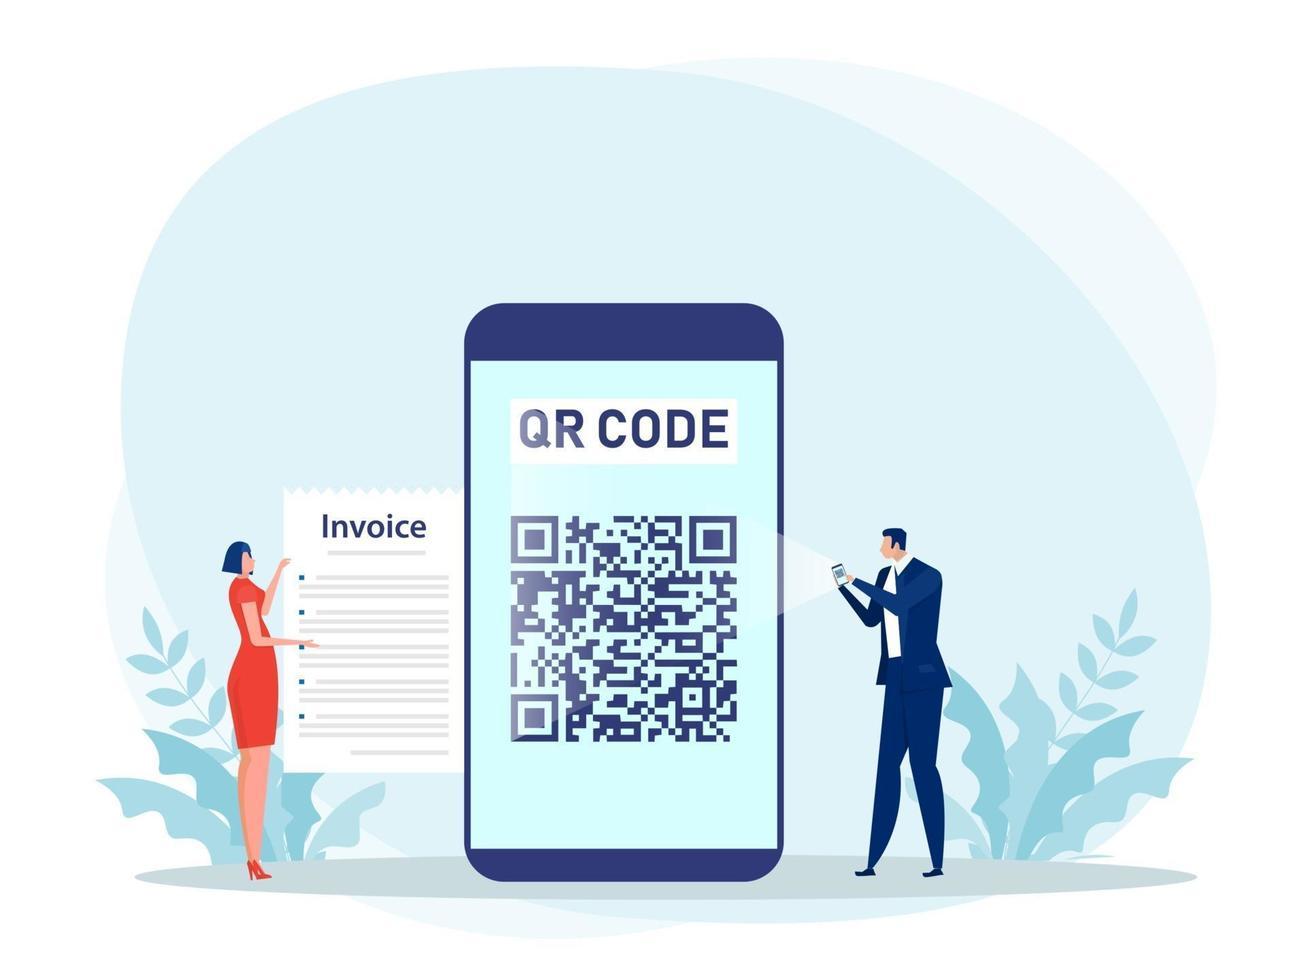 pessoas usando um smartphone para pagar com leitura de código QR vetor